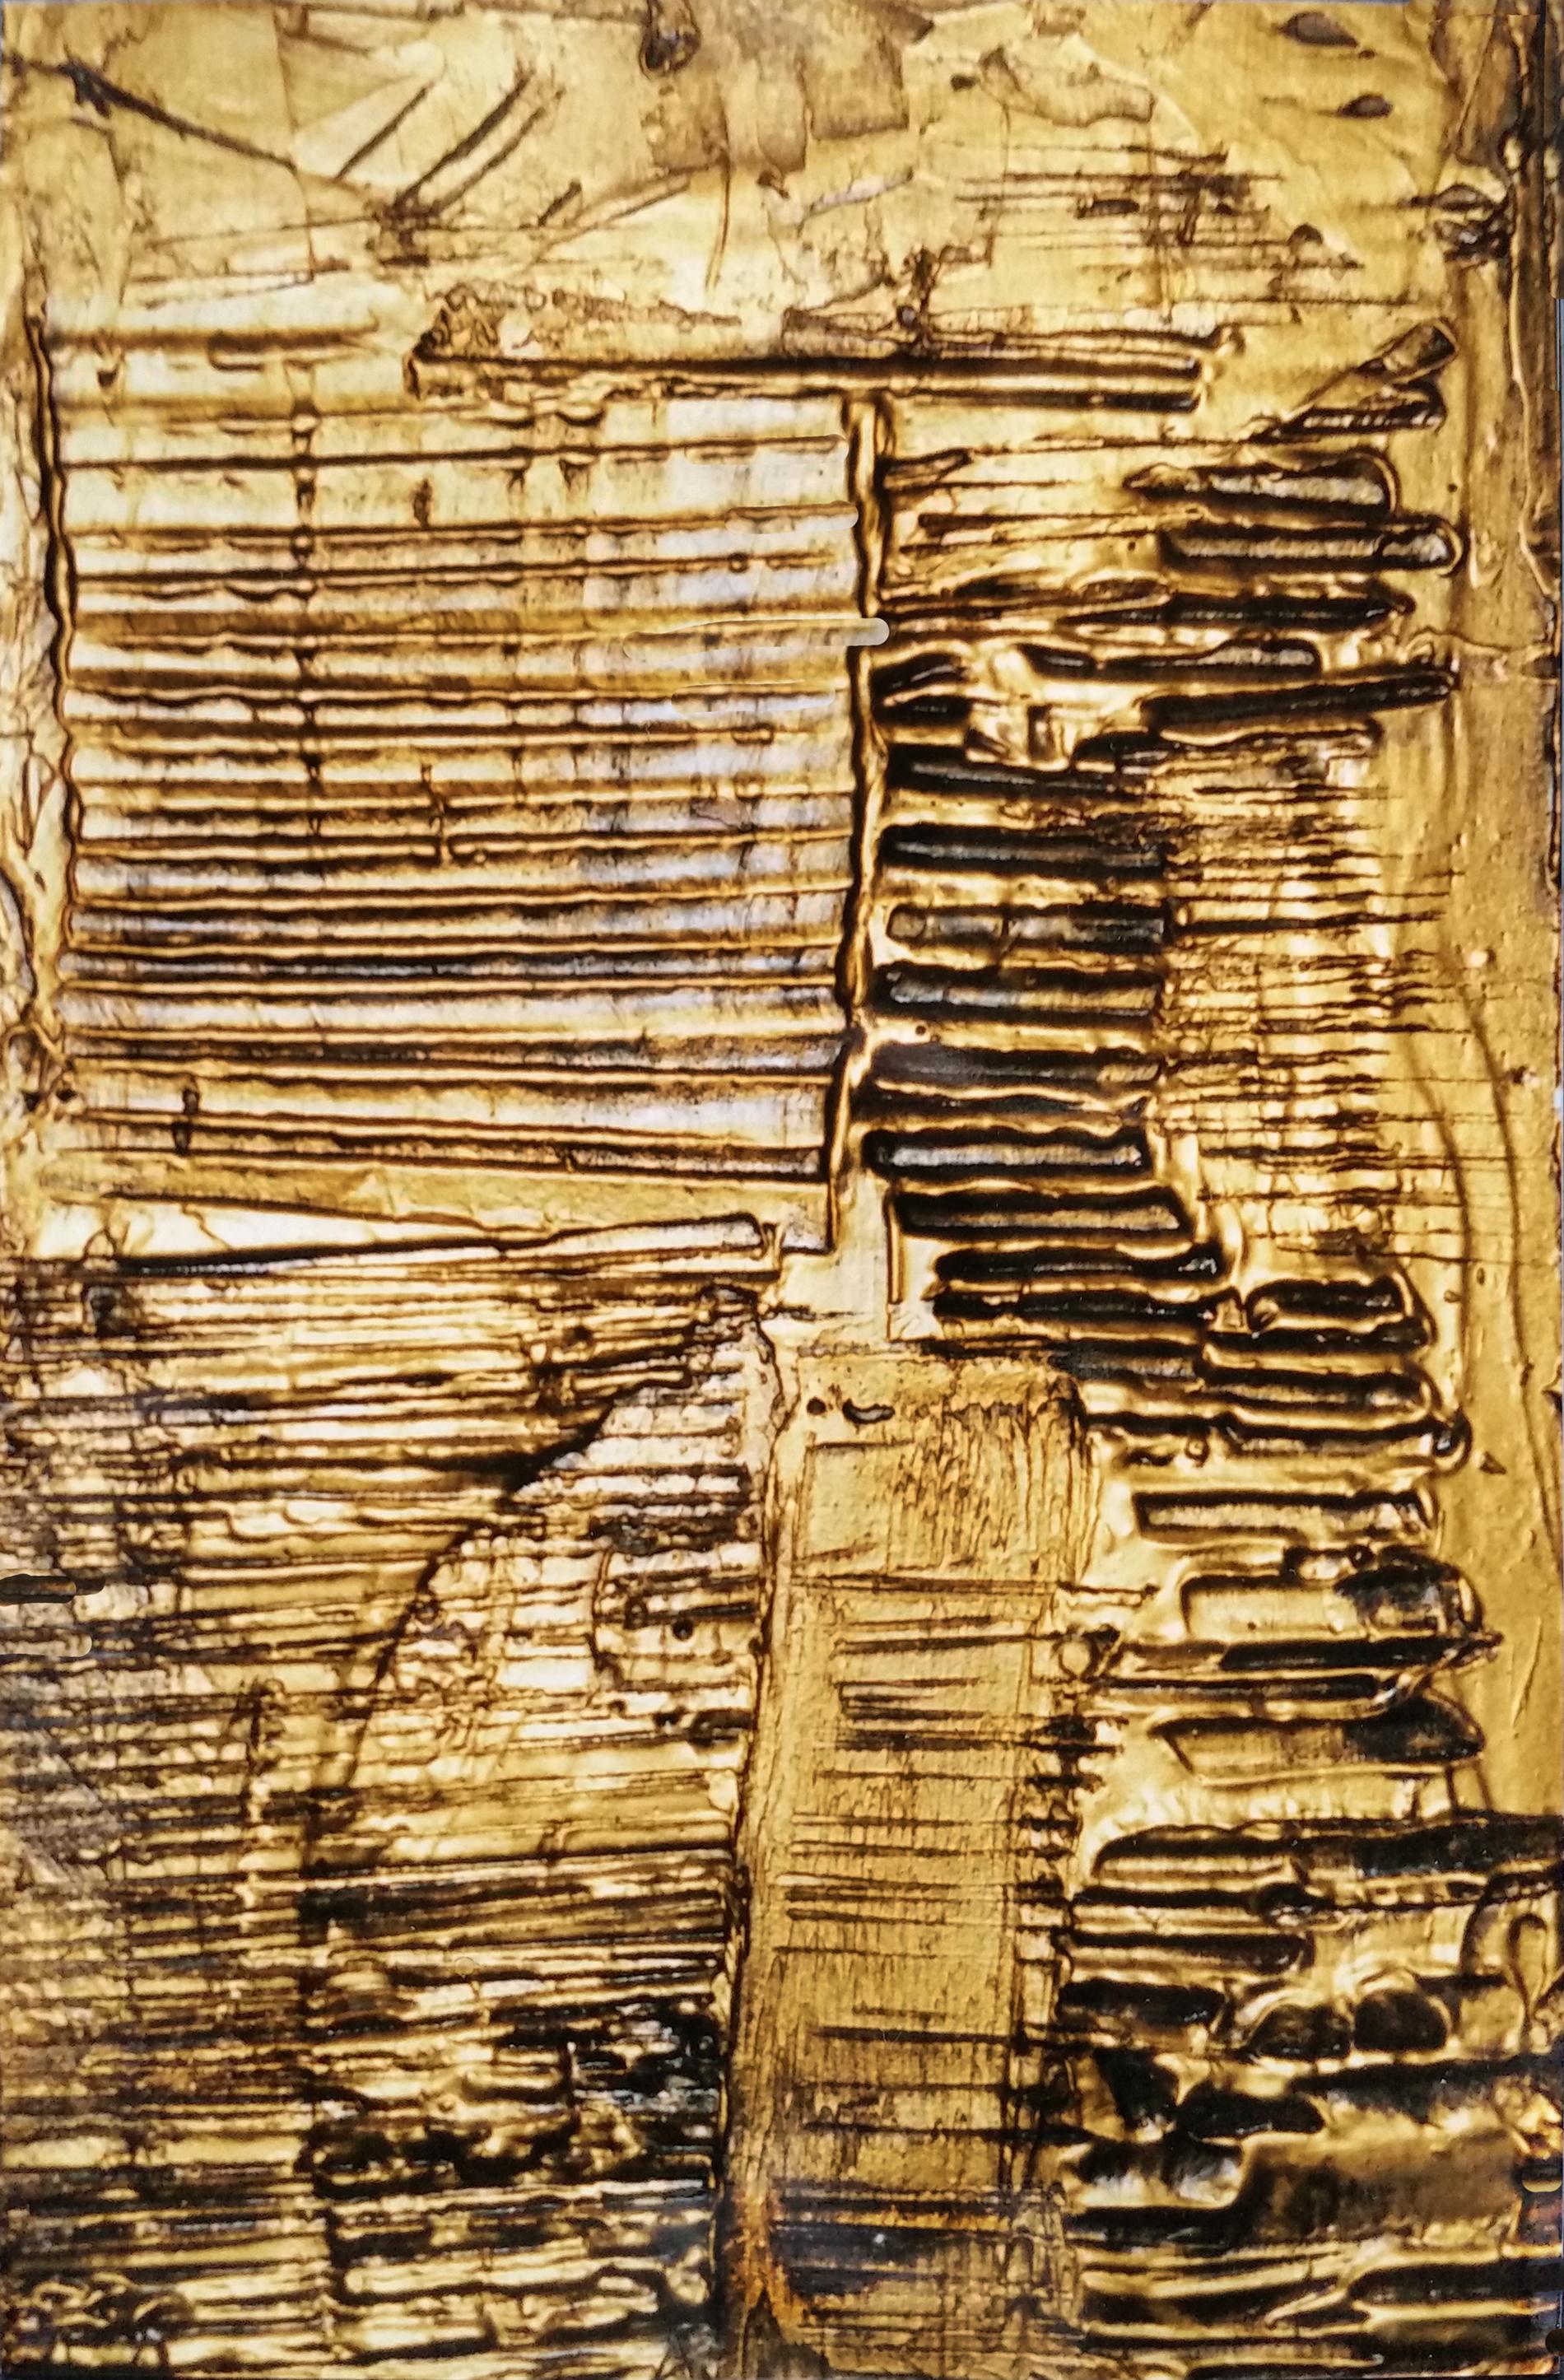 Bassorilievi Bronzo 2002 Teatro Sestriere Italia Gesso modellato su multistrato. Colorazione con oro. Bronzatura Mq 30 arature, archetipo, astrazione organica, bassorilievo, bronzatura con reagenti, culto della Madre Terra, gesso modellato, graffiti, organica, patinatura bronzo,pigmenti, pigmenti finto oro, tecnica mista